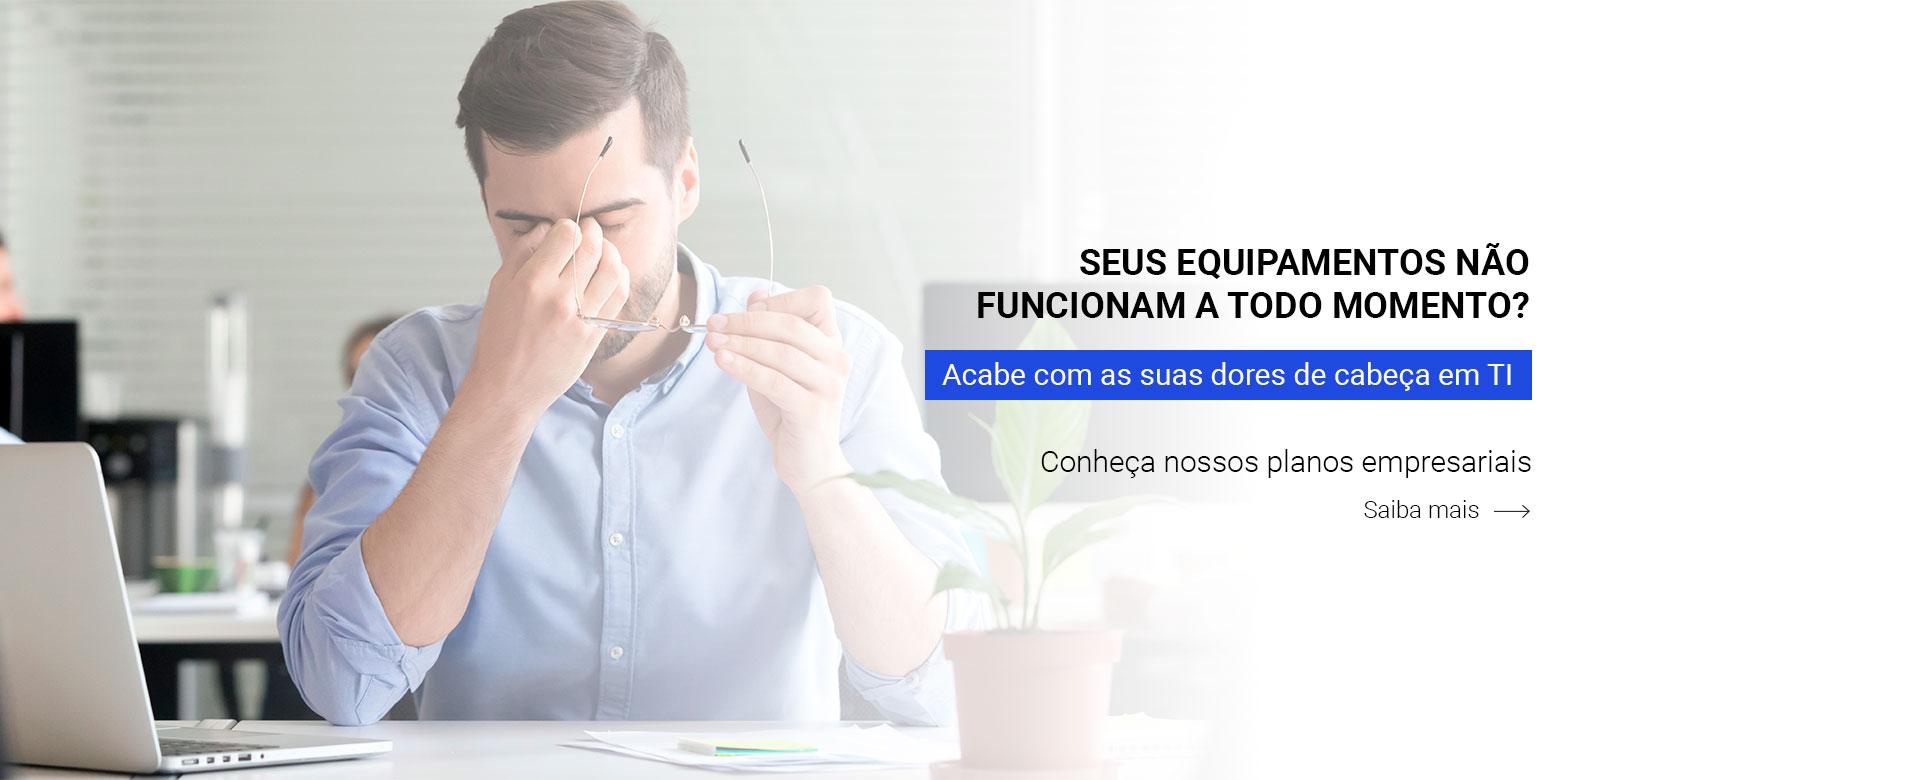 Seus_Equipamentos_Nao_Funcionam_